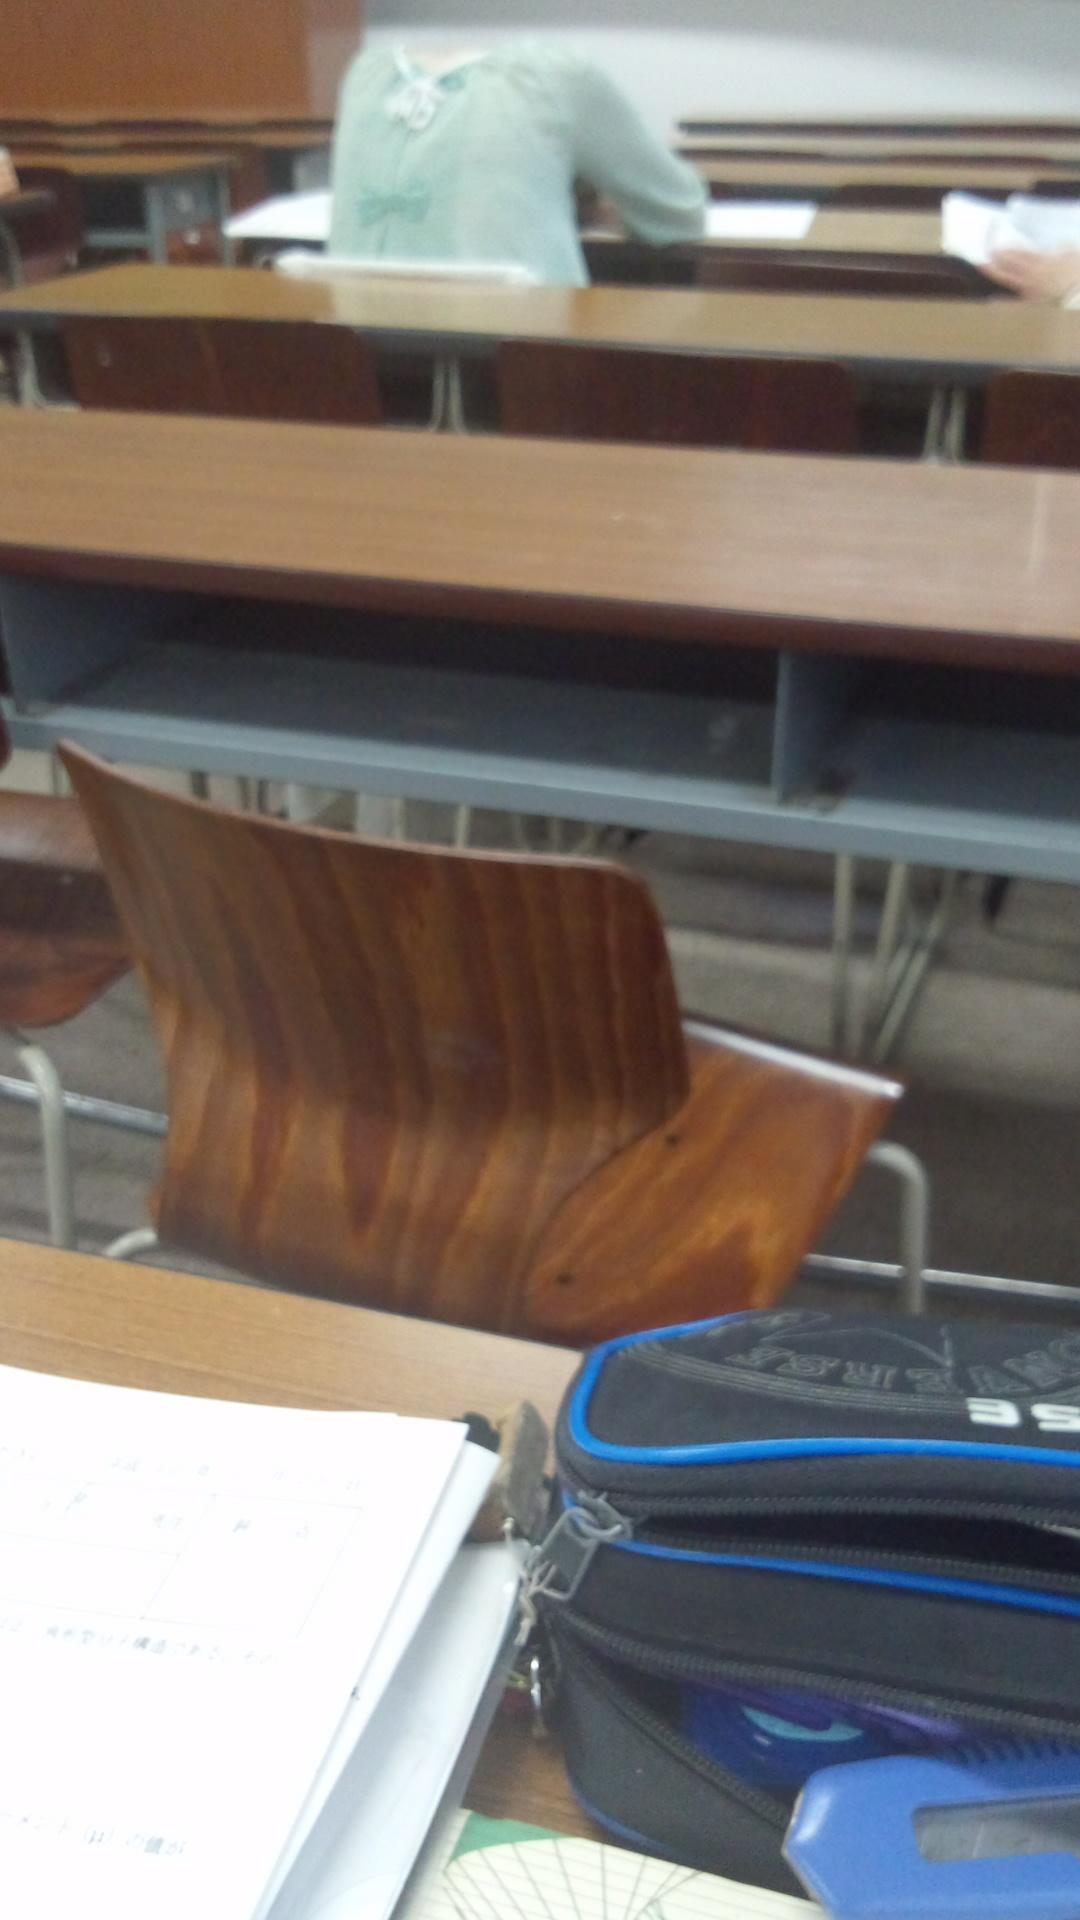 前の席の人の首が落ちすぎで怖い http://t.co/xeYzNHBT